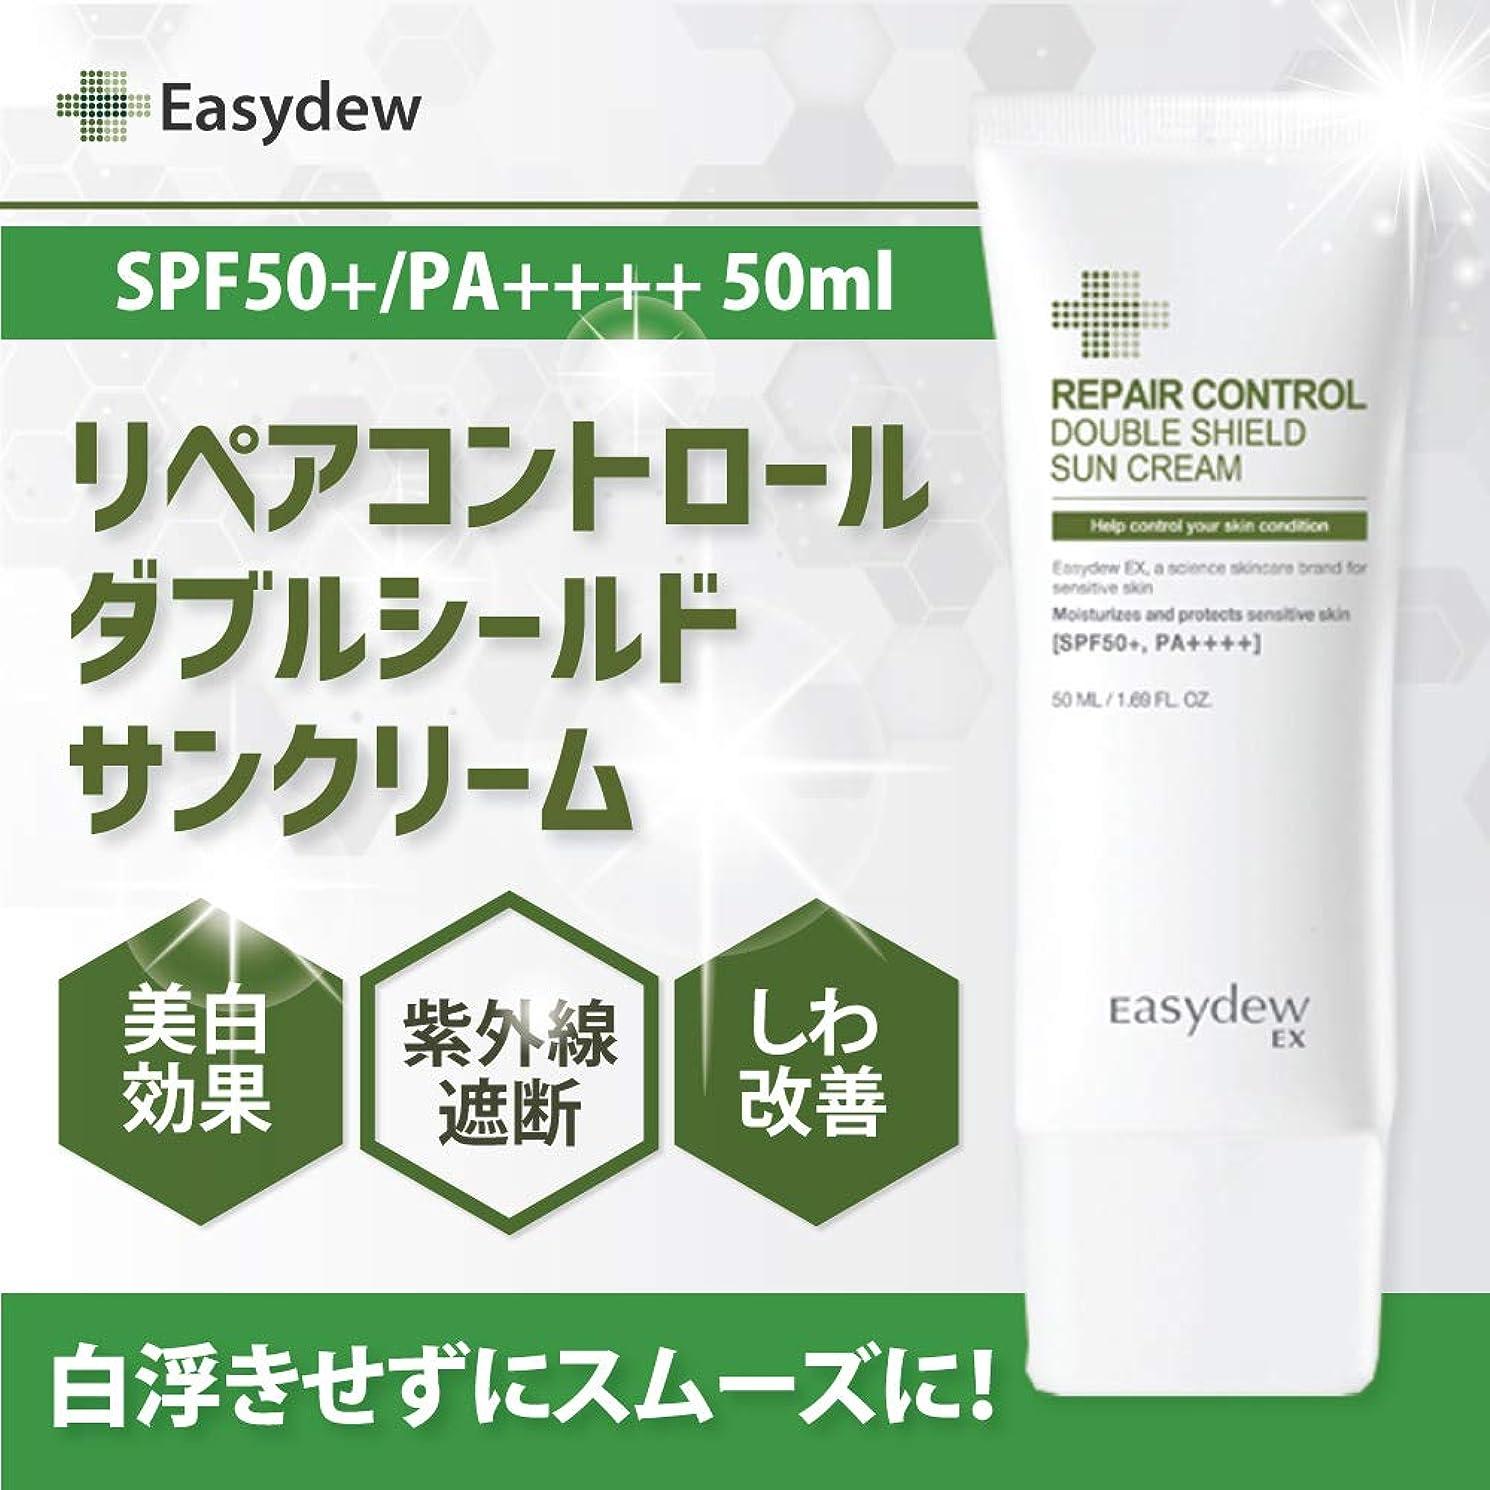 野心予測許容デウン製薬 リペア コントロール ダブル シールド サン?クリーム SPF50+/PA++++ 50ml. Repair Control Double Shild Sun Cream SPF50+/PA++++ 50ml.